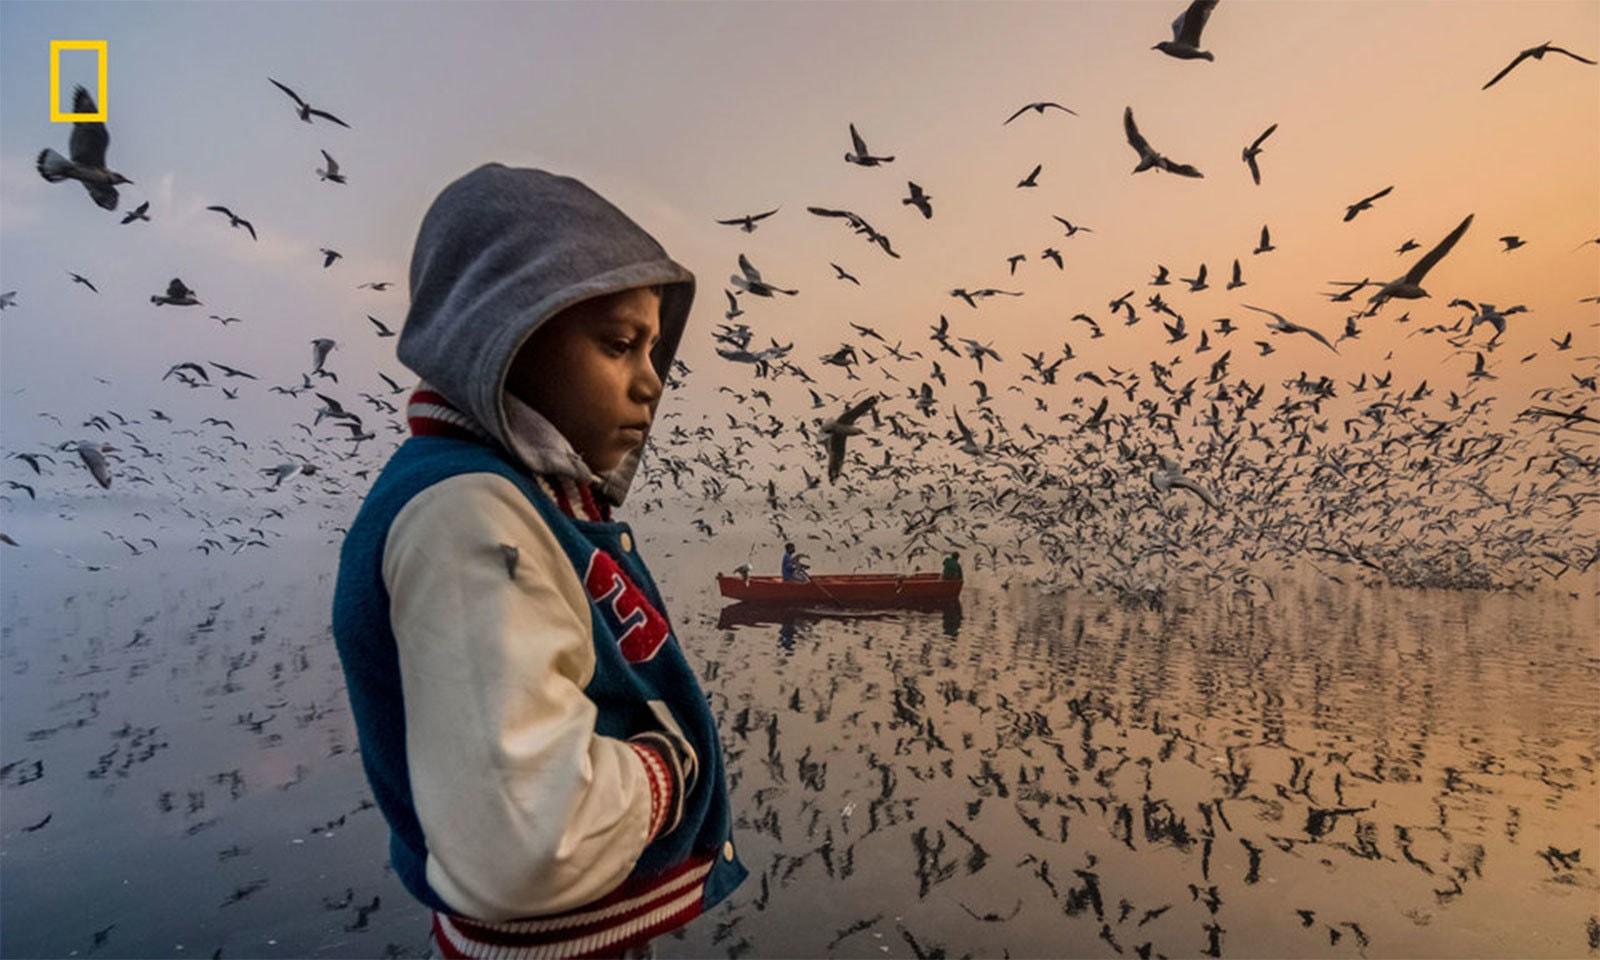 فوٹو بشکریہ نوین واستا/ نیشنل جیوگرافک